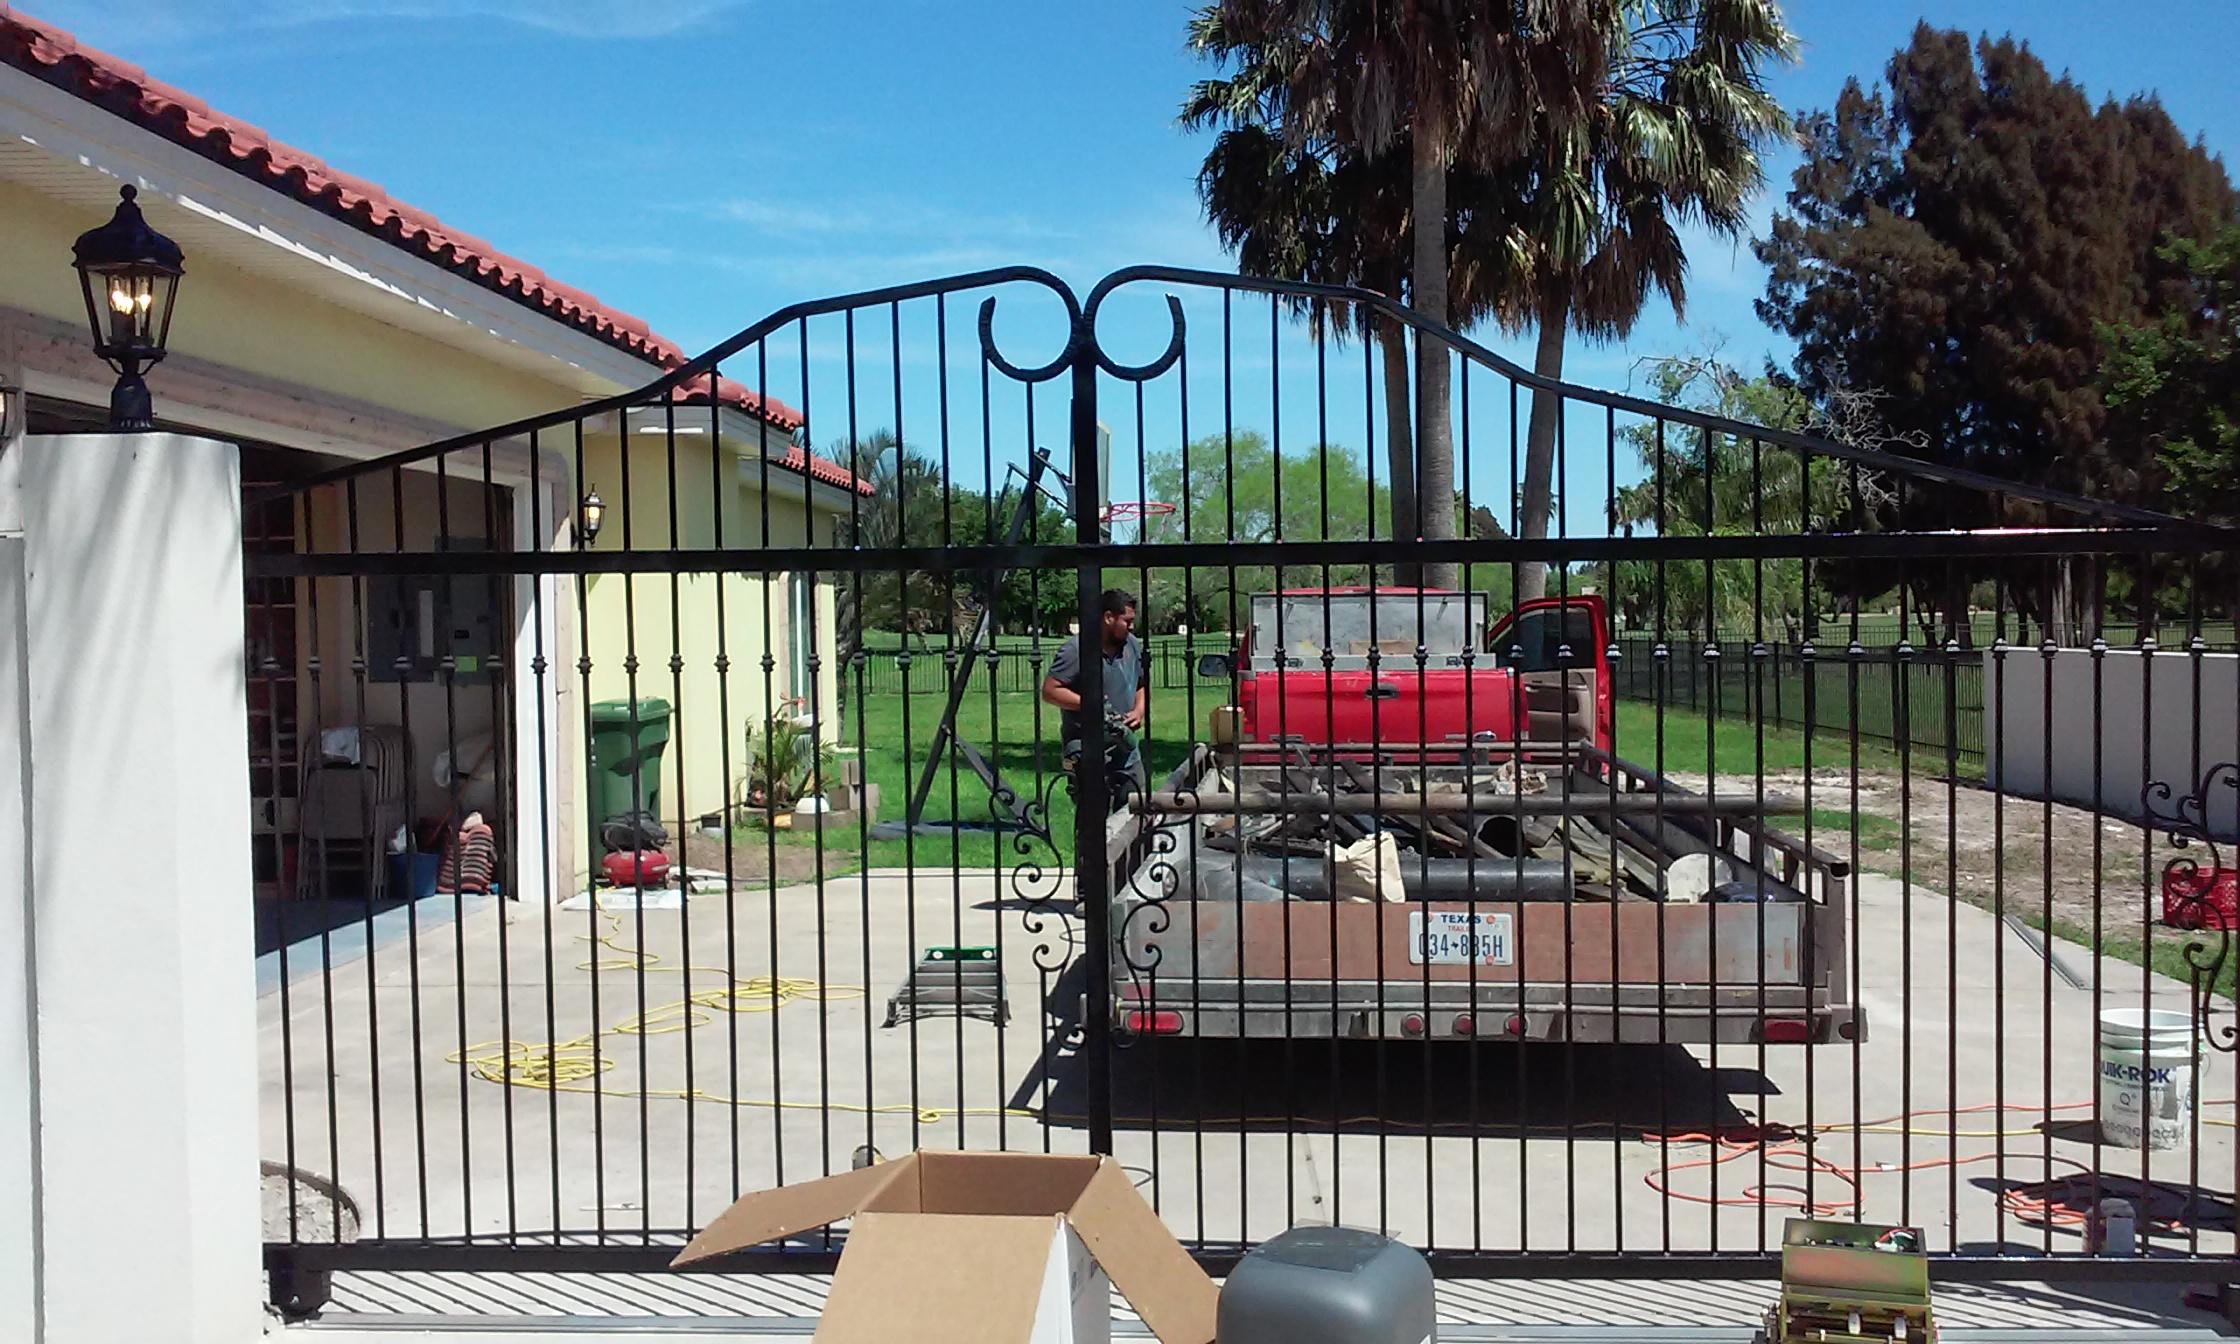 Garcia Fence image 7